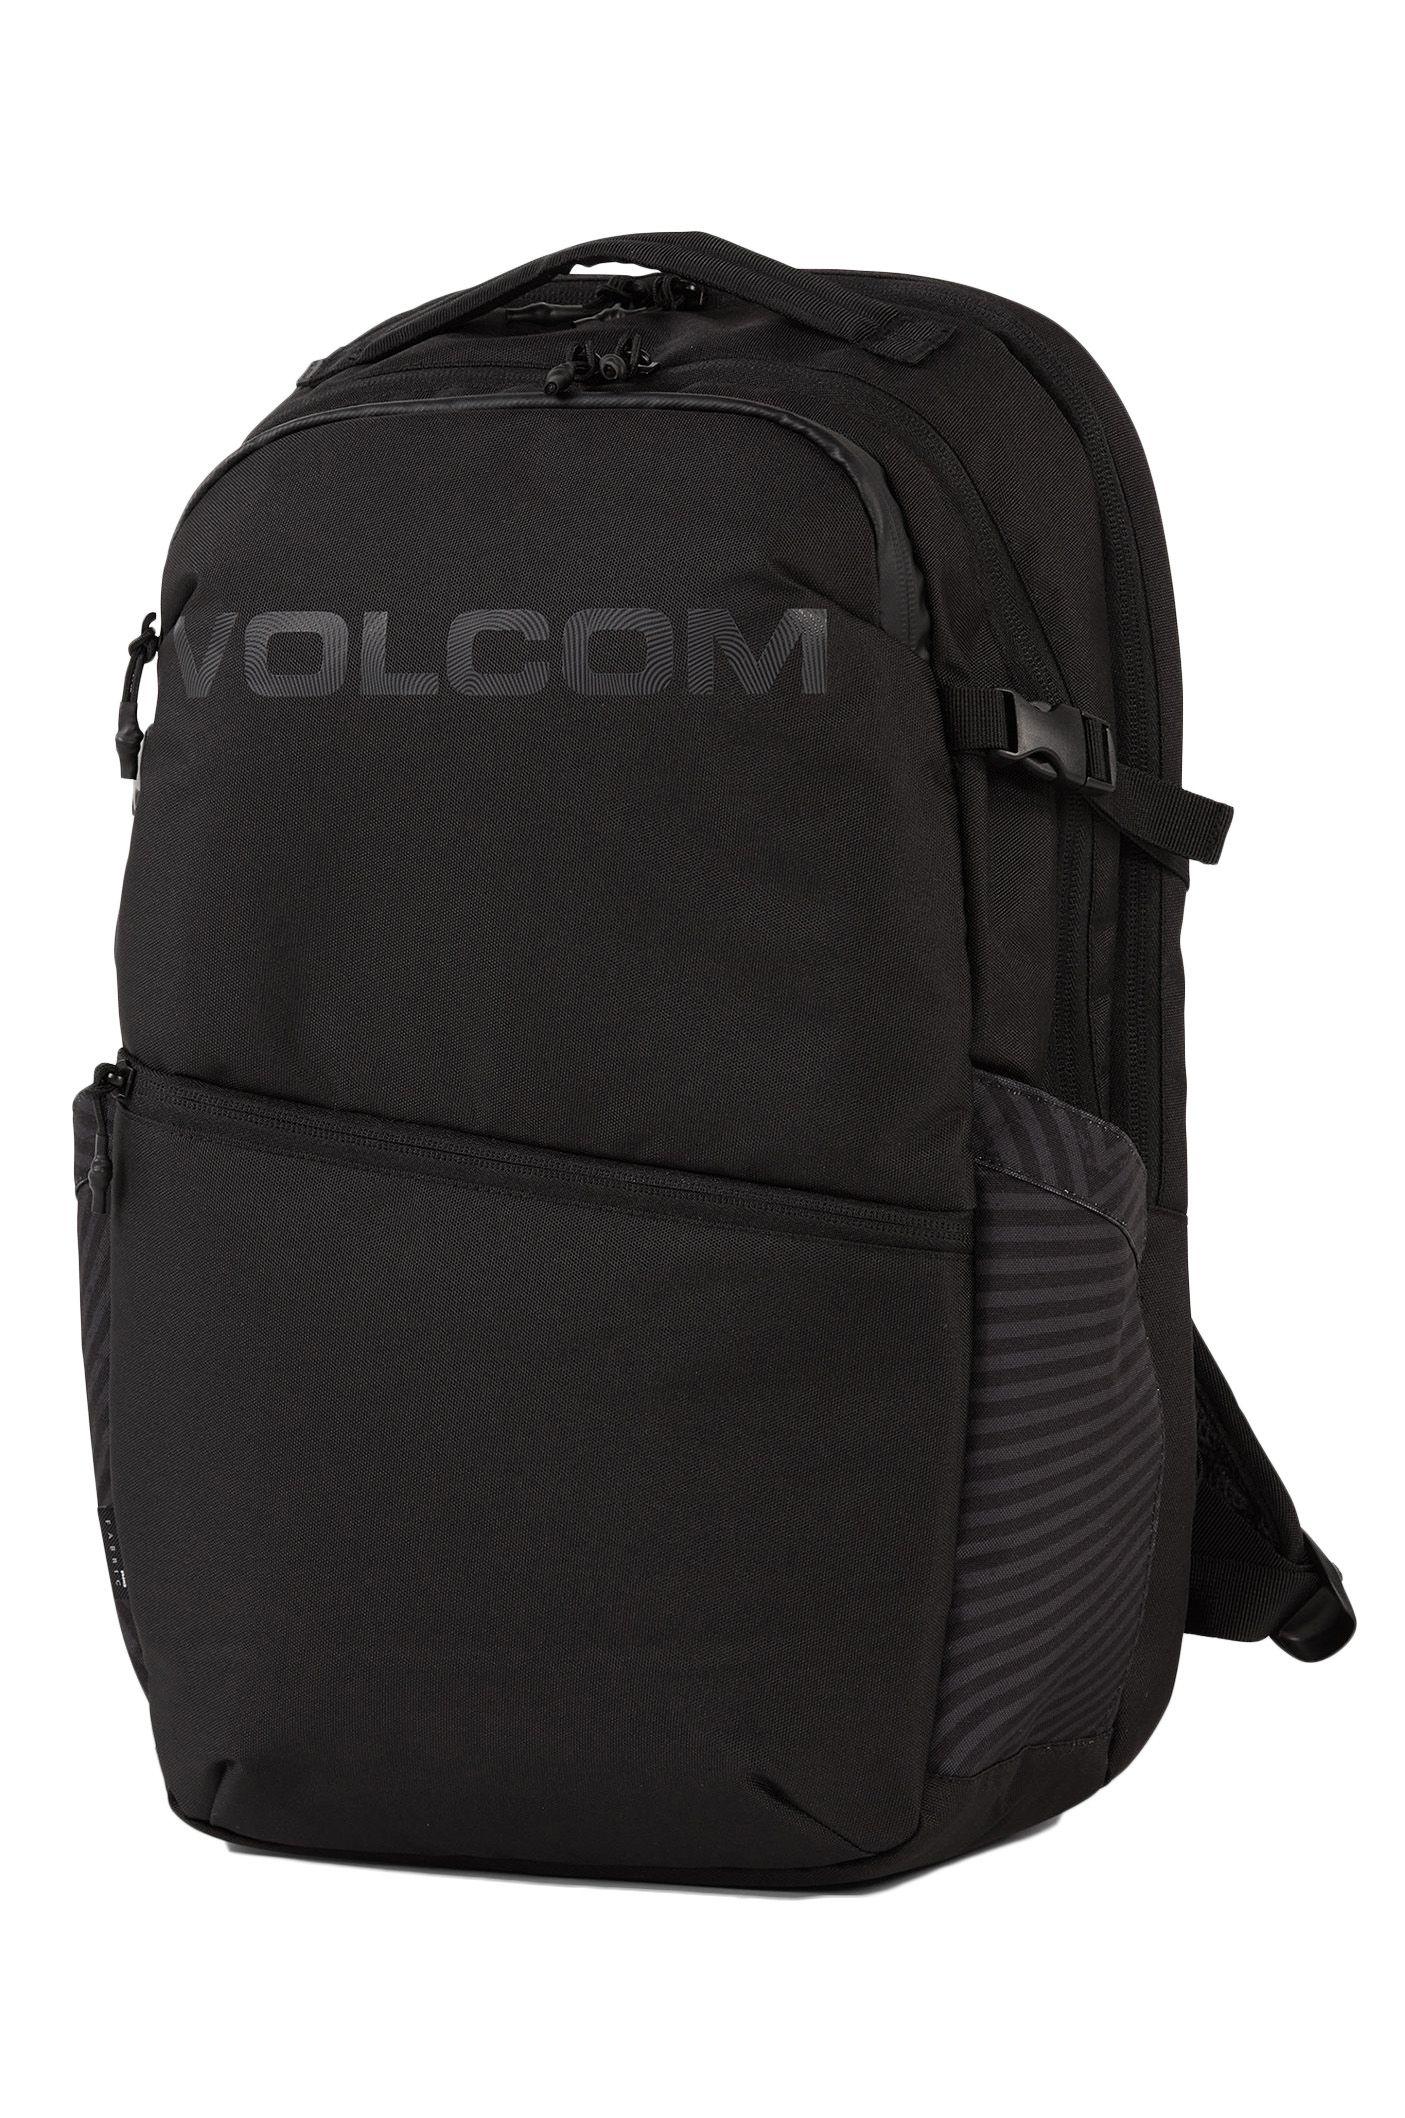 Volcom Backpack VOLCOM ROAMER BACKPACK Black